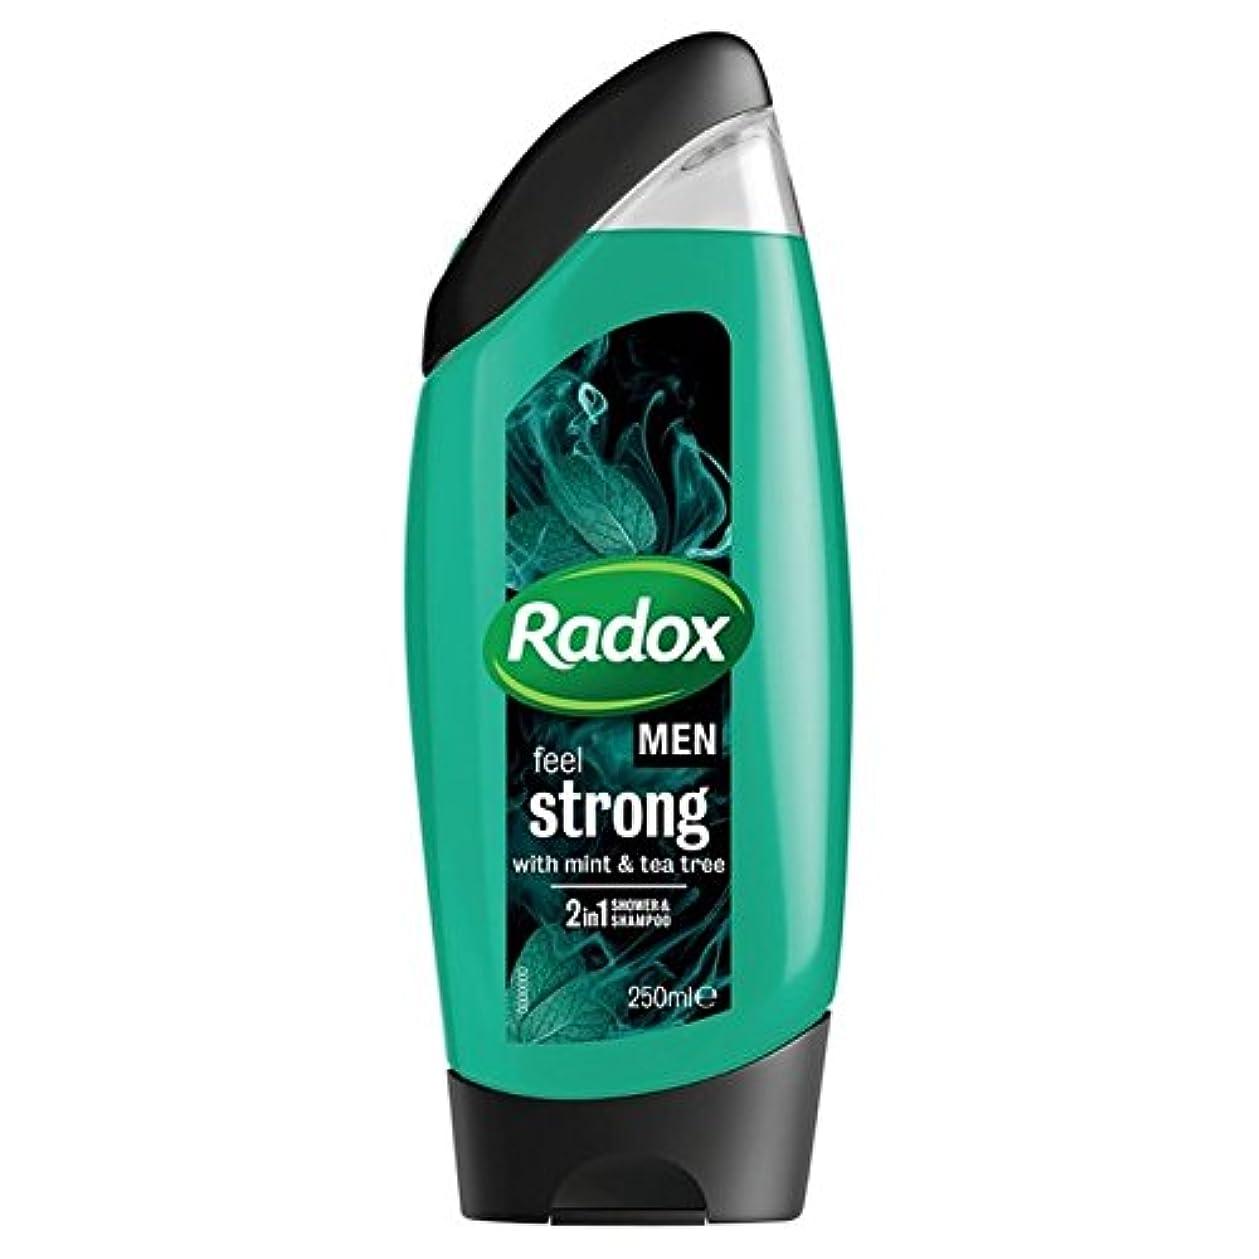 クラブシャーロットブロンテテレマコス男性は、強力なミント&ティーツリーの21のシャワージェル250ミリリットルを感じます x2 - Radox Men Feel Strong Mint & Tea Tree 2in1 Shower Gel 250ml (Pack...